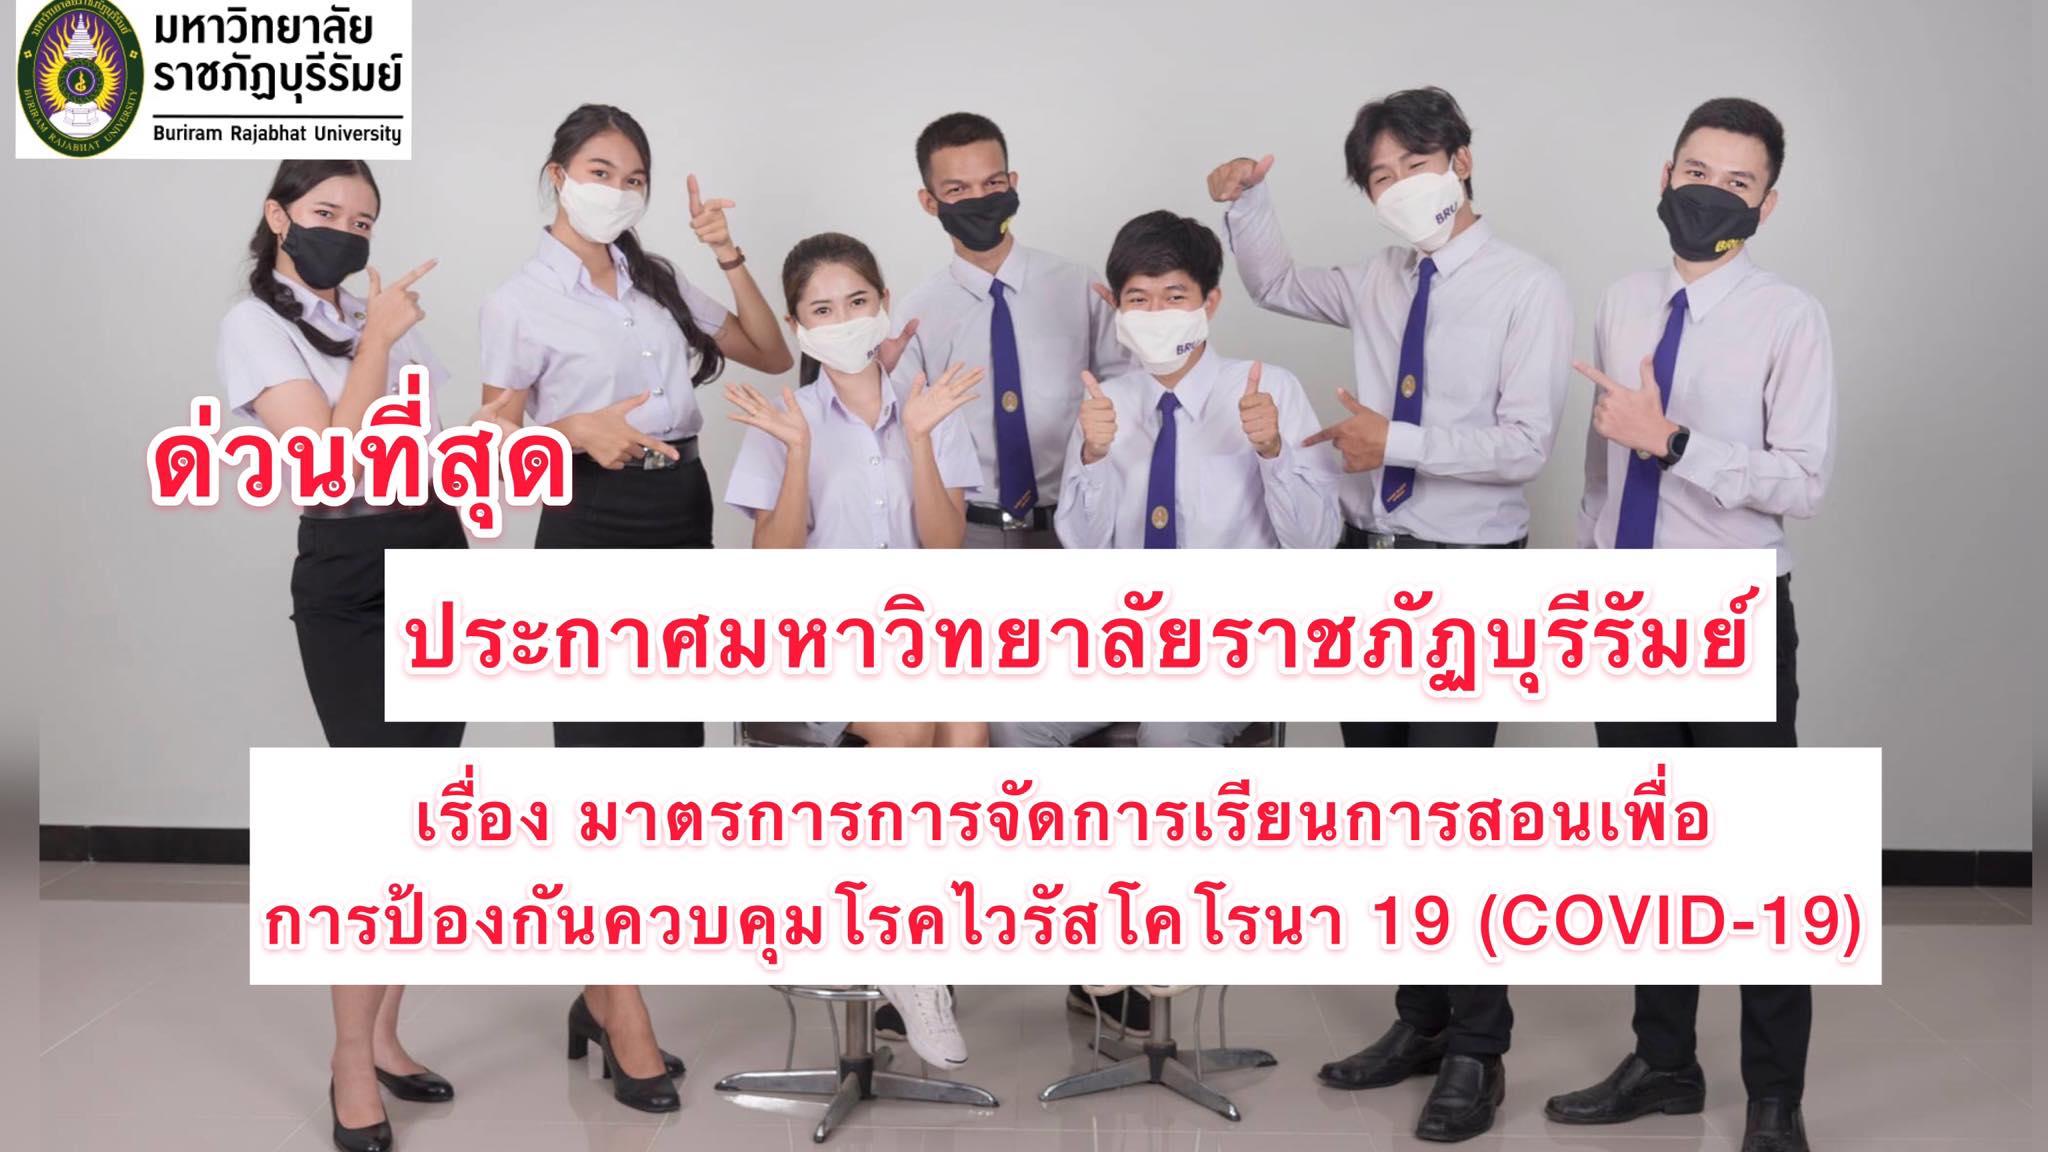 มาตรการการจัดการเรียนการสอนเพื่อ การป้องกันควบคุมโรคไวรัสโคโรนา 19 (COVID-19)